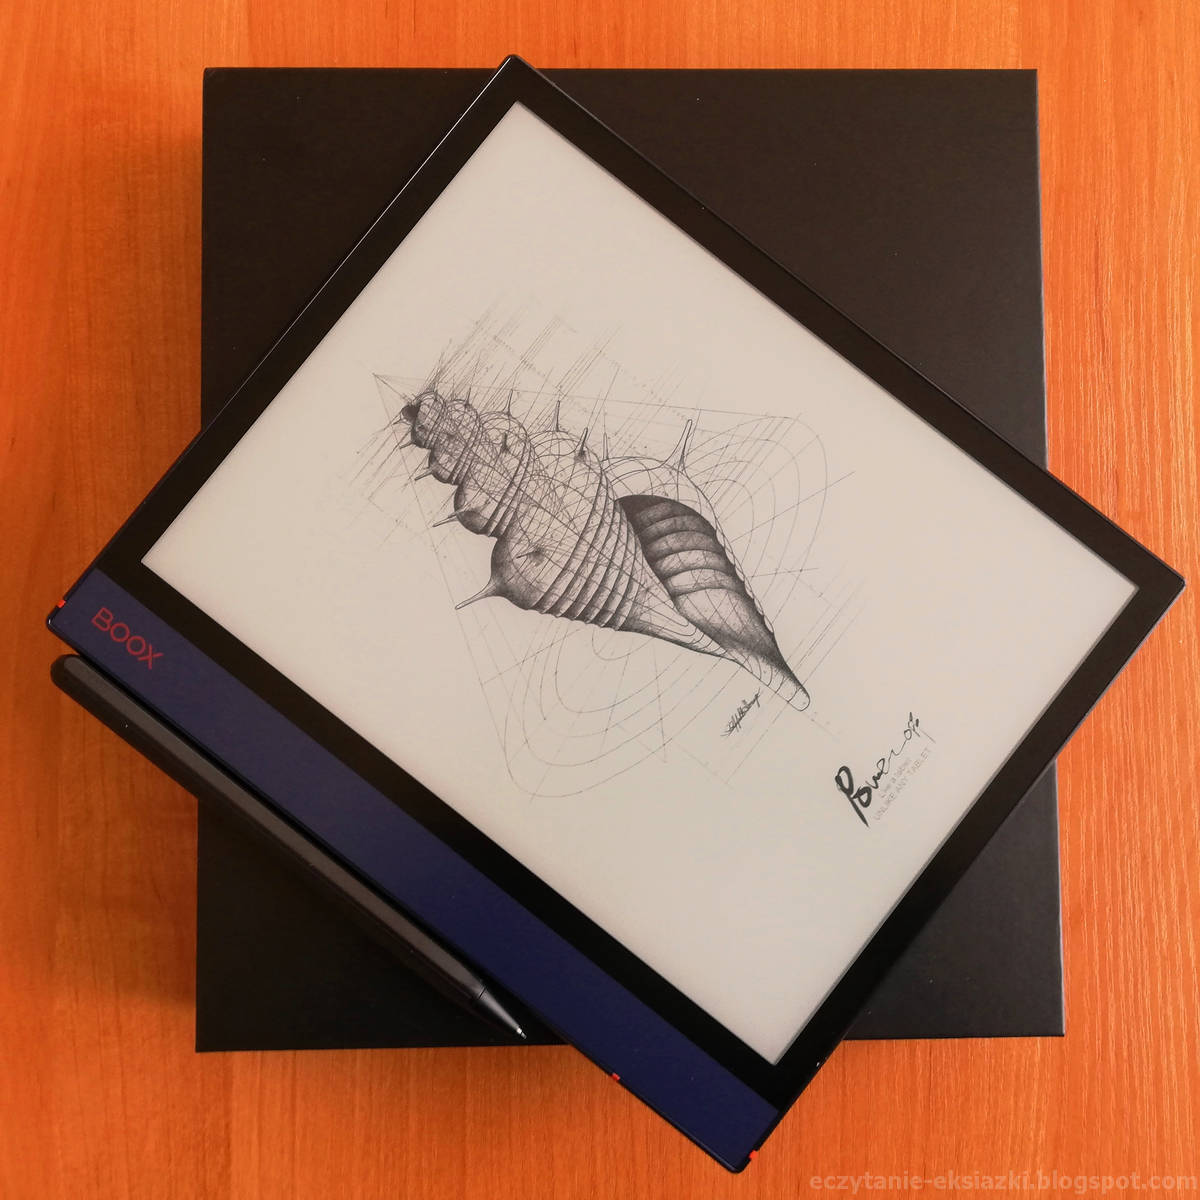 Czytnik Onyx Boox Note Air z rysikiem połozony na pudełku